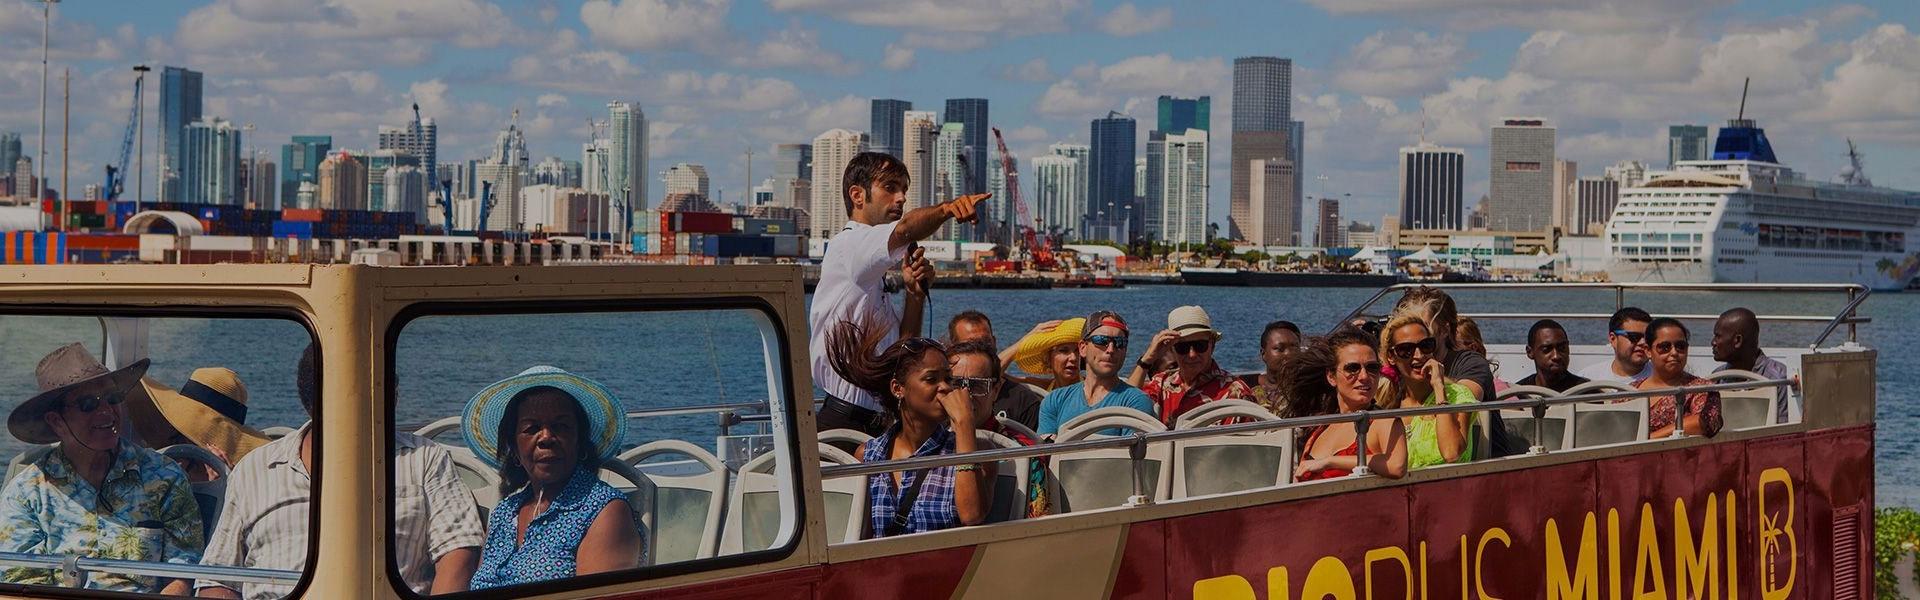 Miami Routen & Karten | Miami Sightseeing | Big Bus Tours inside Miami Bus Tour Map